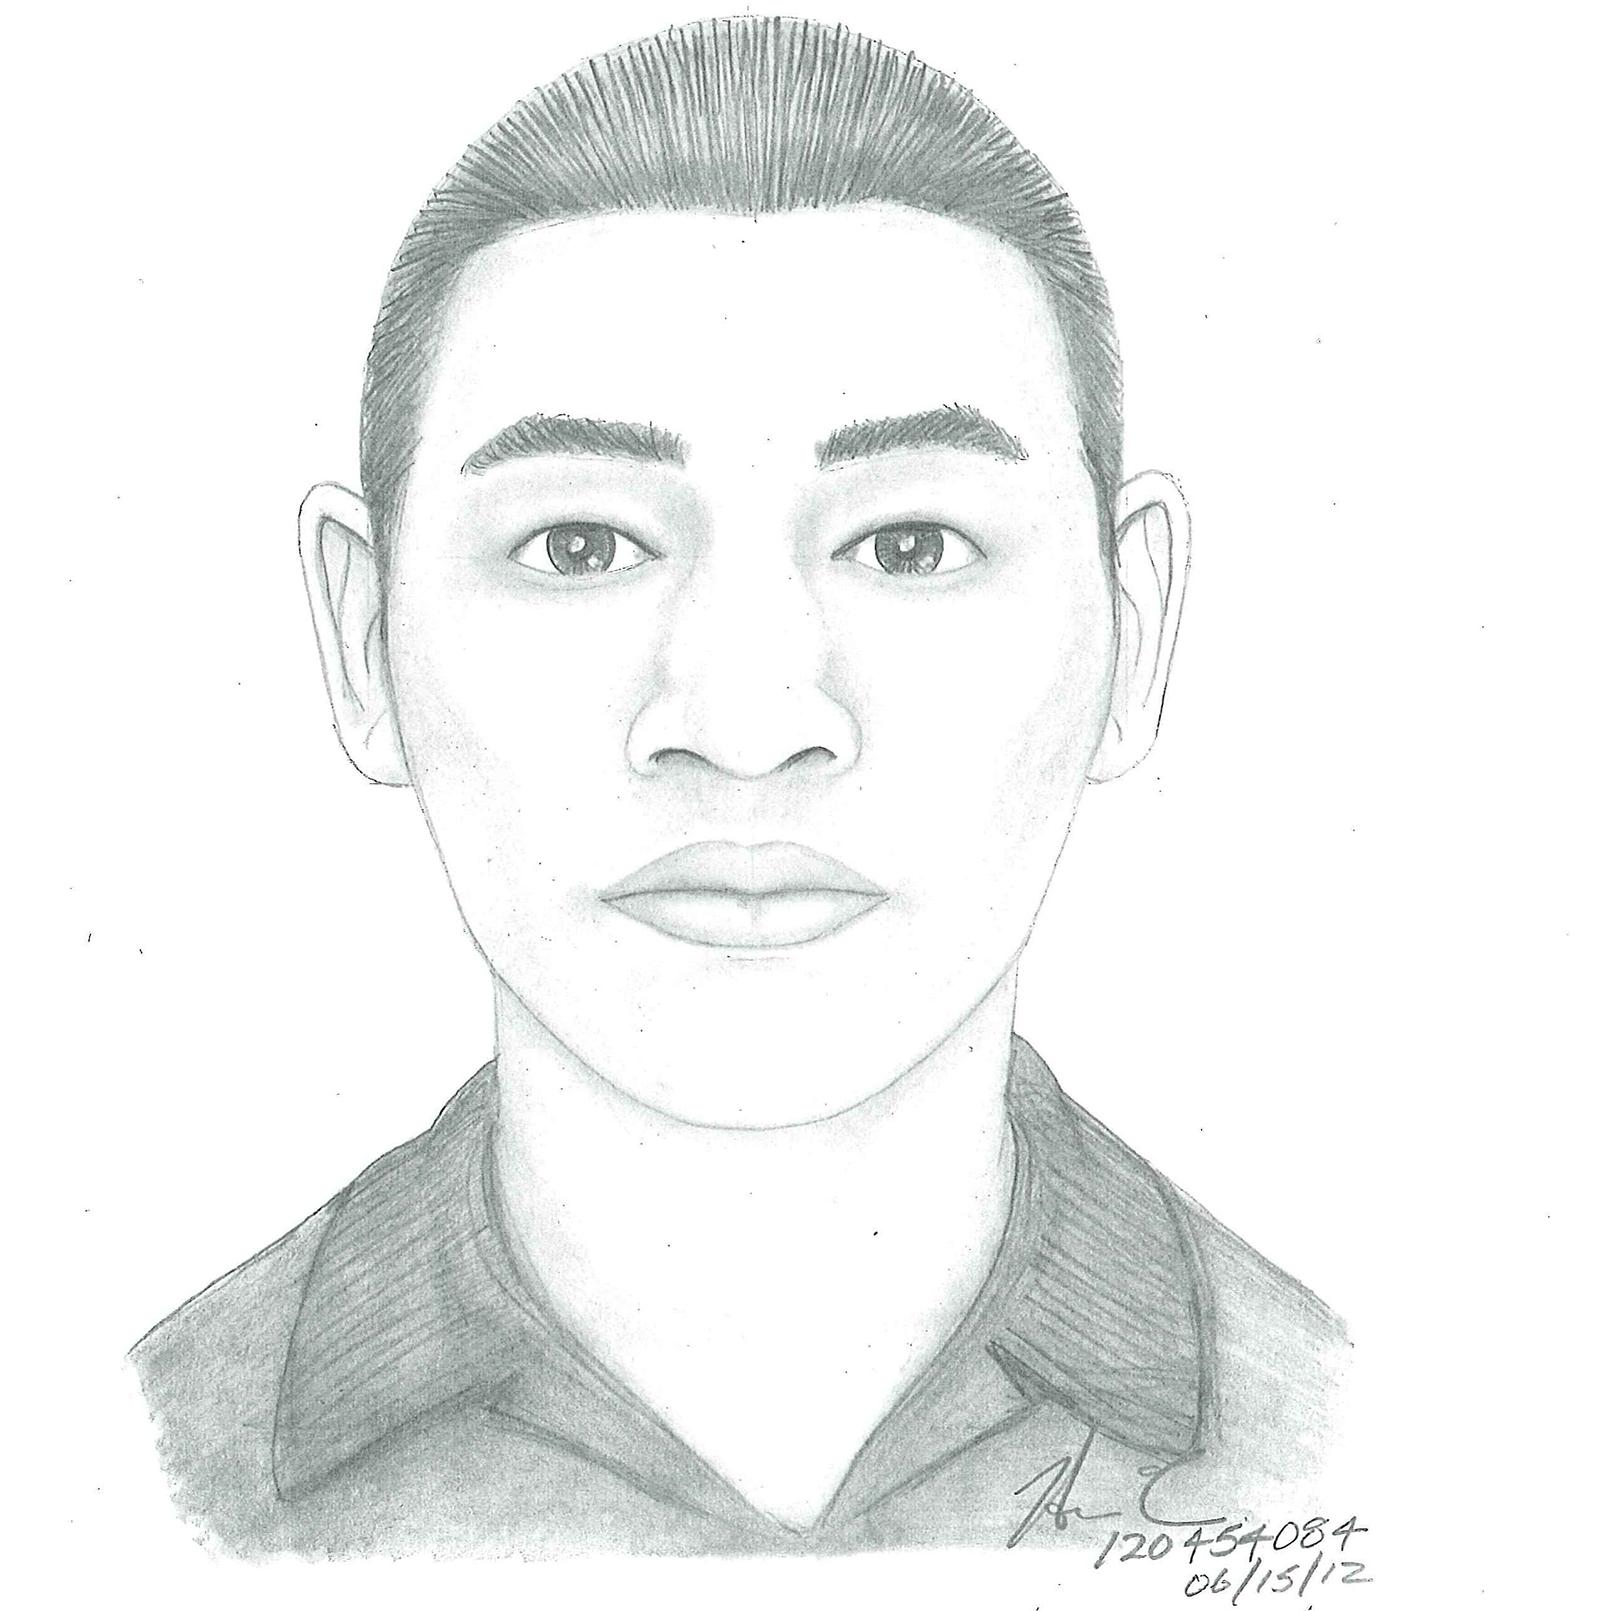 SFPD Releases Sketch of Suspect in June Homicide